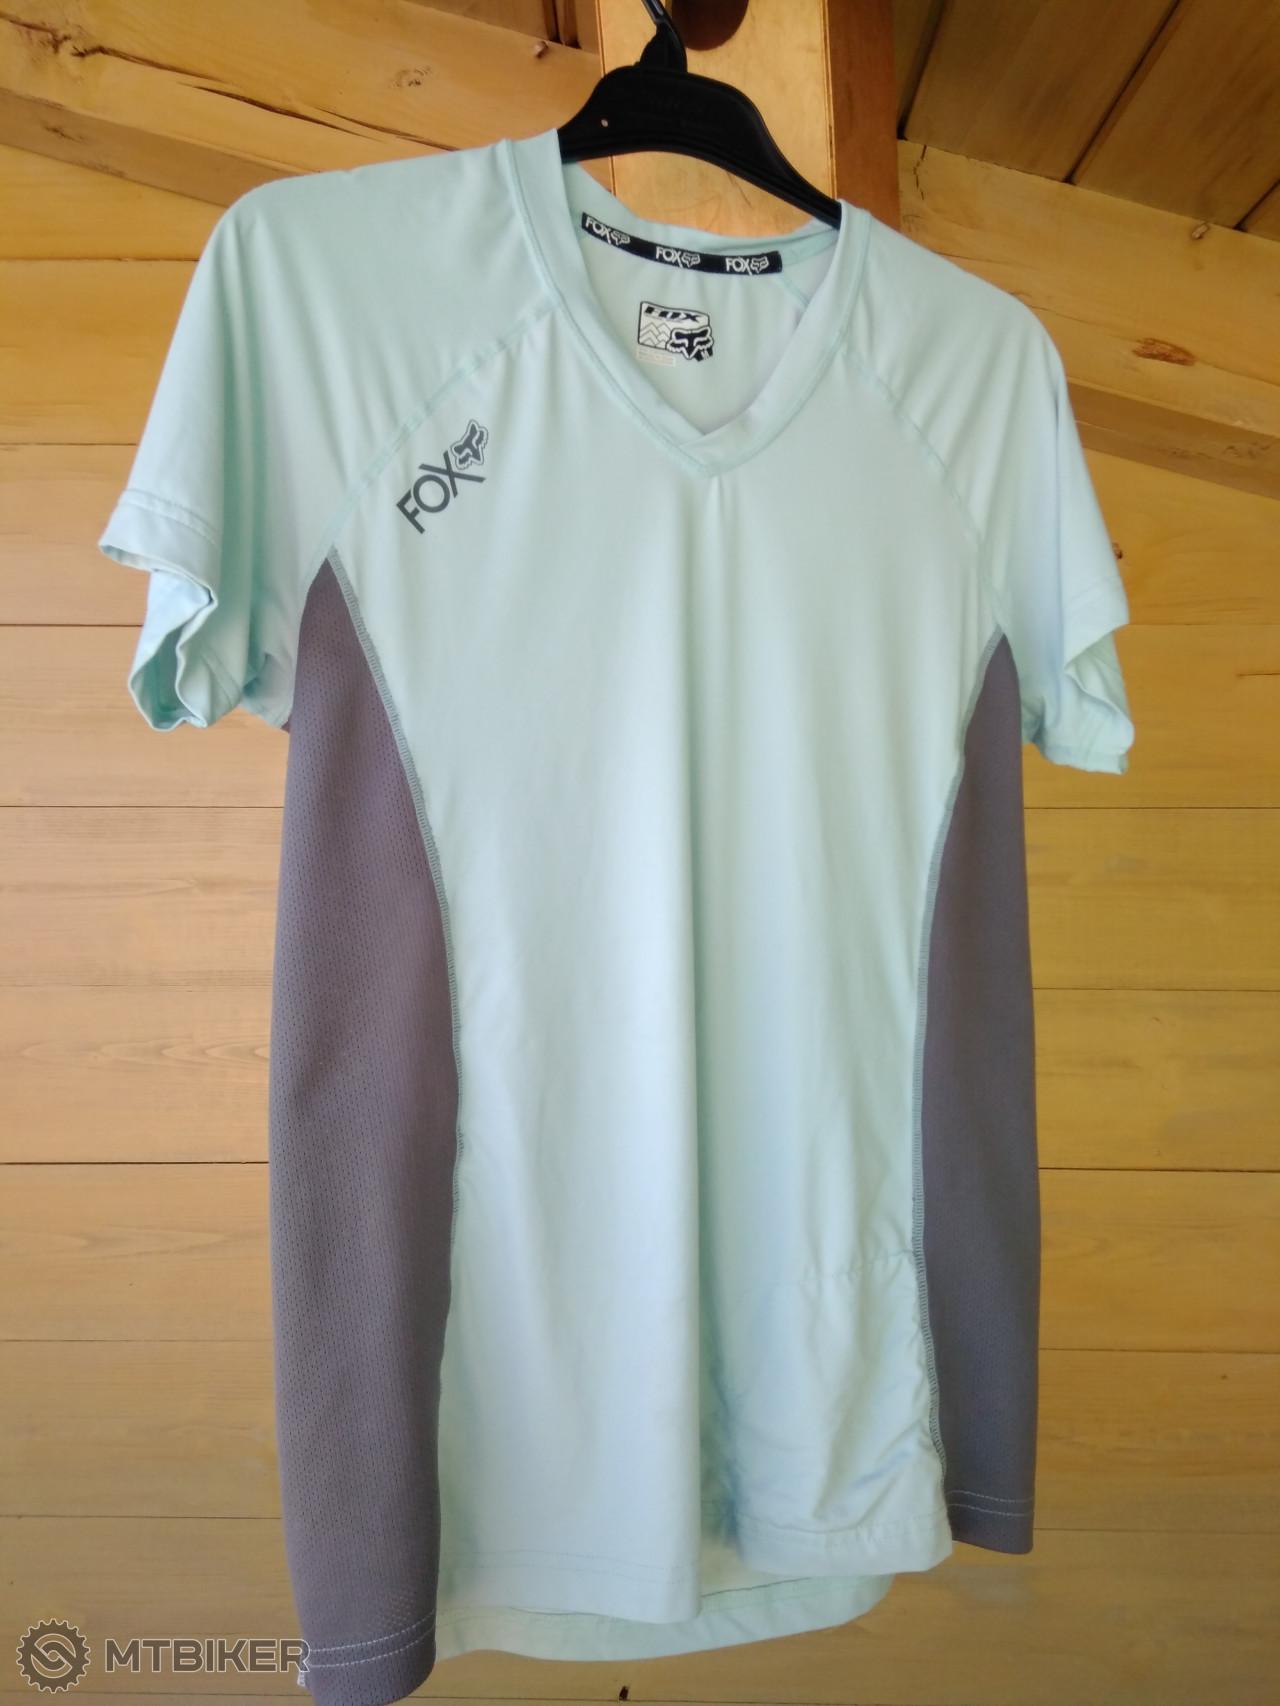 97073e440329 Predám Dámsky Dres Fox - Príslušenstvo - Oblečenie a batohy - Bazár MTBIKER